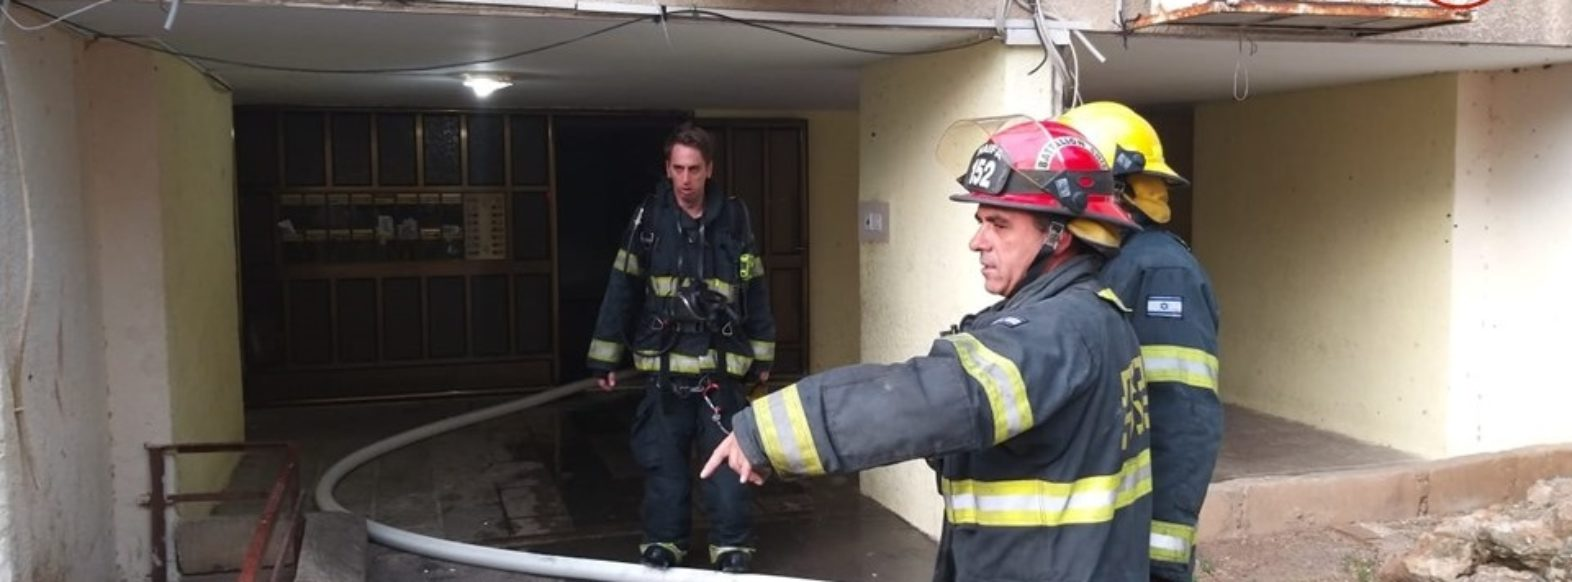 שריפה פרצה בשל טלפון סלולרי שהושאר בהטענה